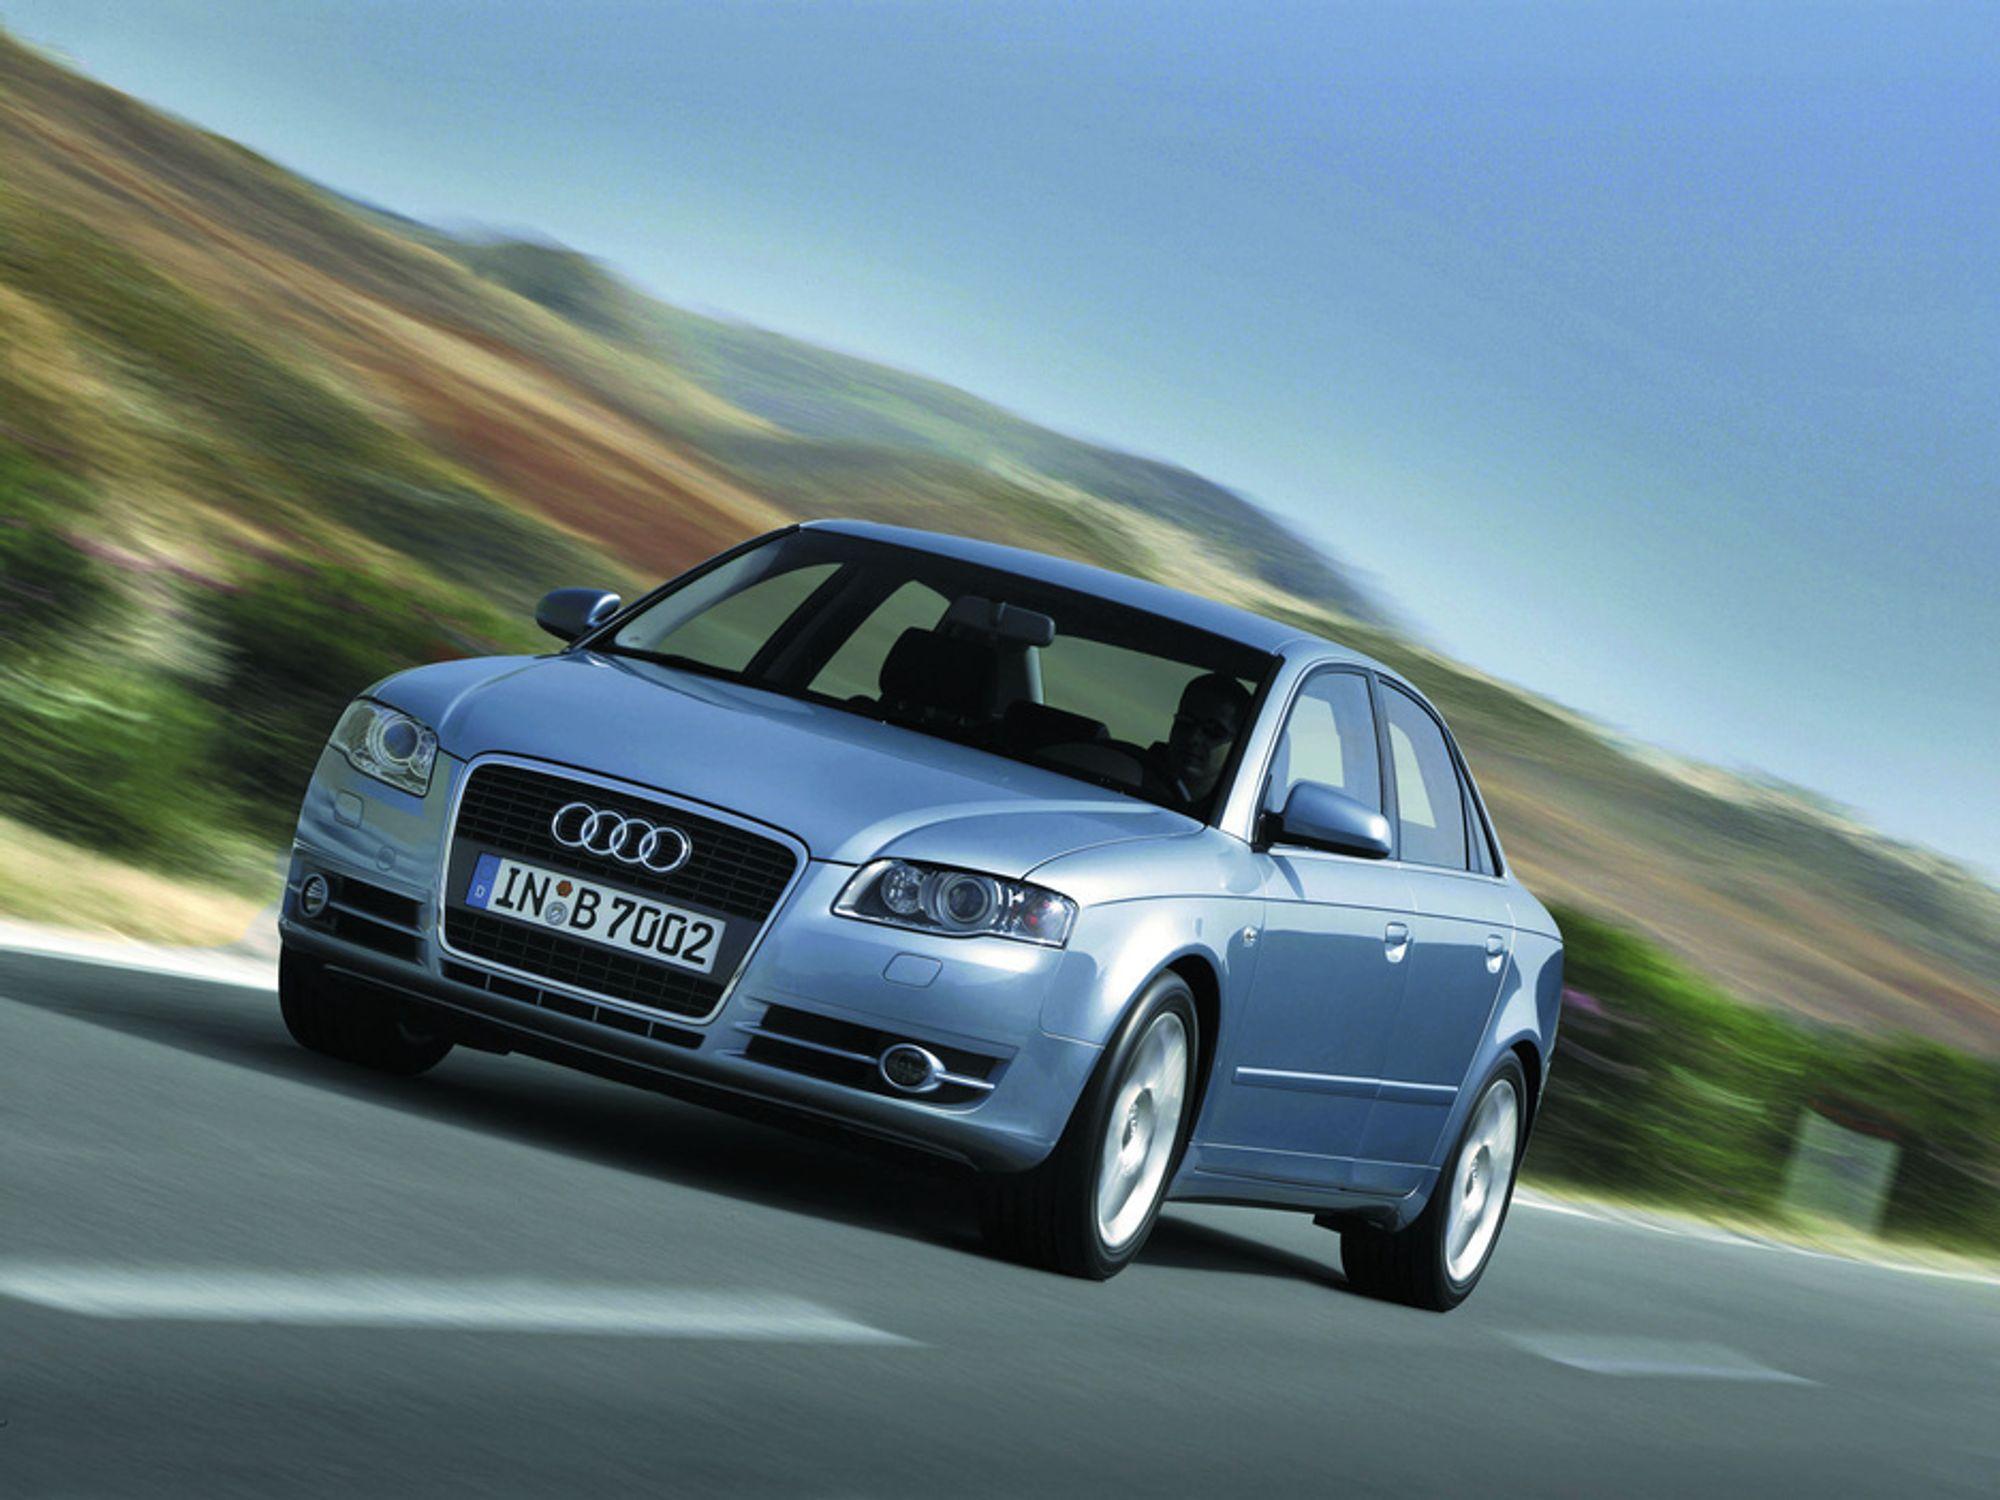 SIKRE BILER: Insurance Institute for Highway Safety i USA har kåret Audi A6 og Audi A4 (bildet) til de sikreste bilene i verden i sine respektive klasser.